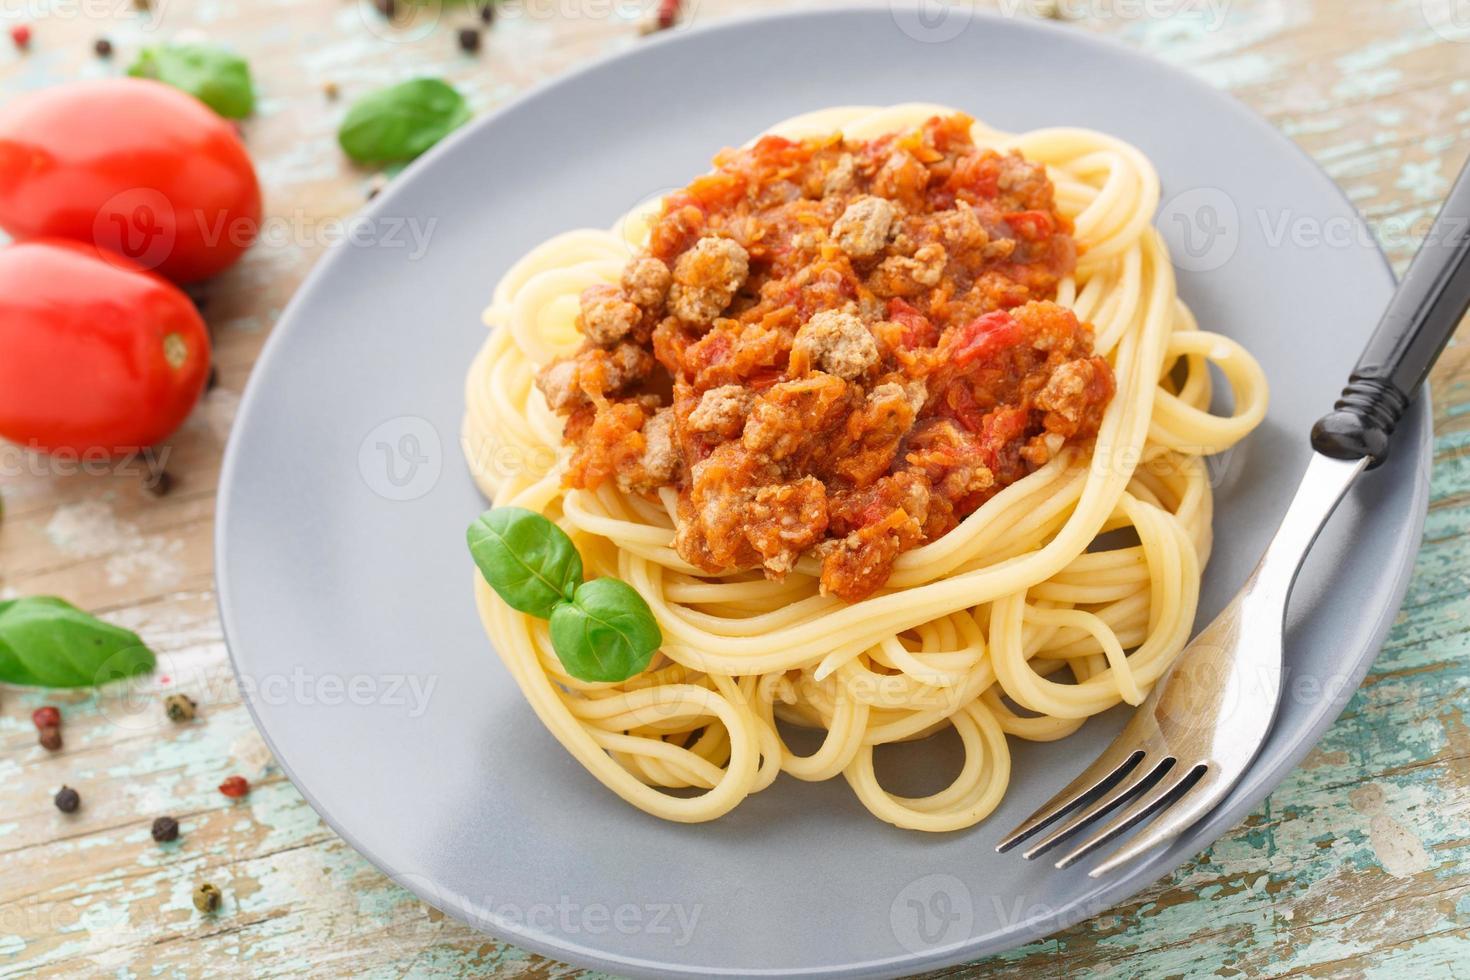 espaguete à bolonhesa com manjericão foto